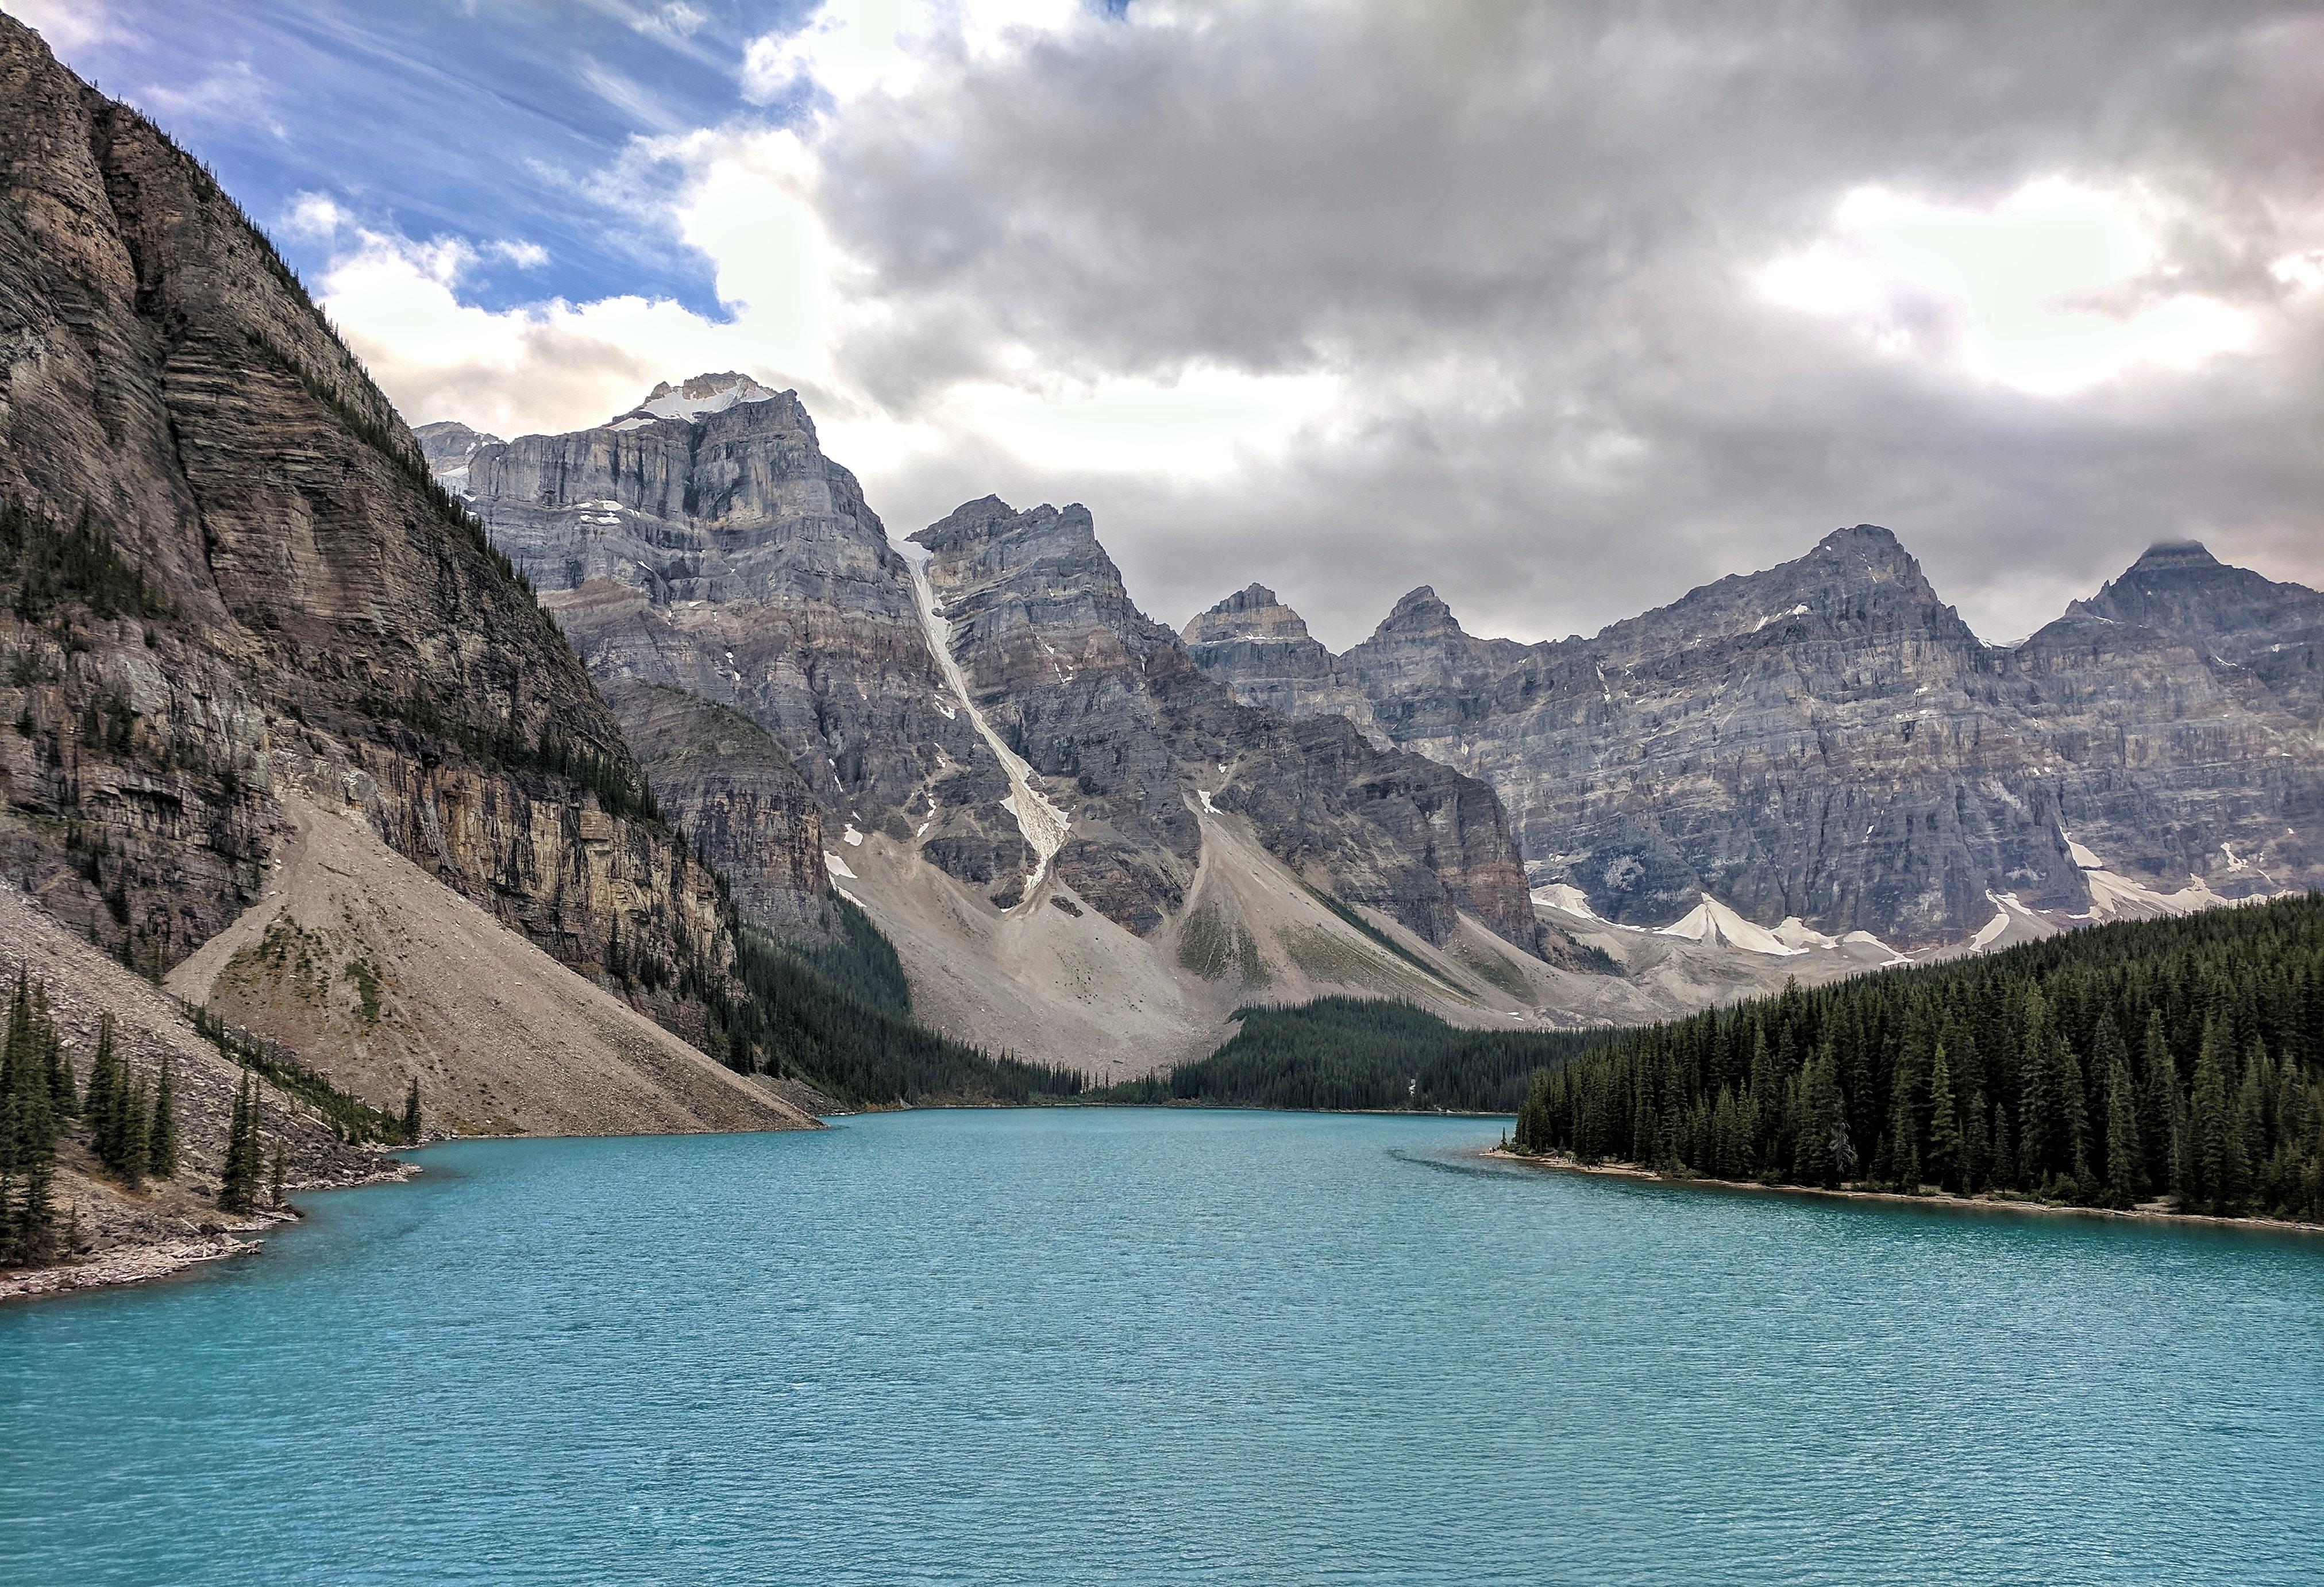 body of water between landscape